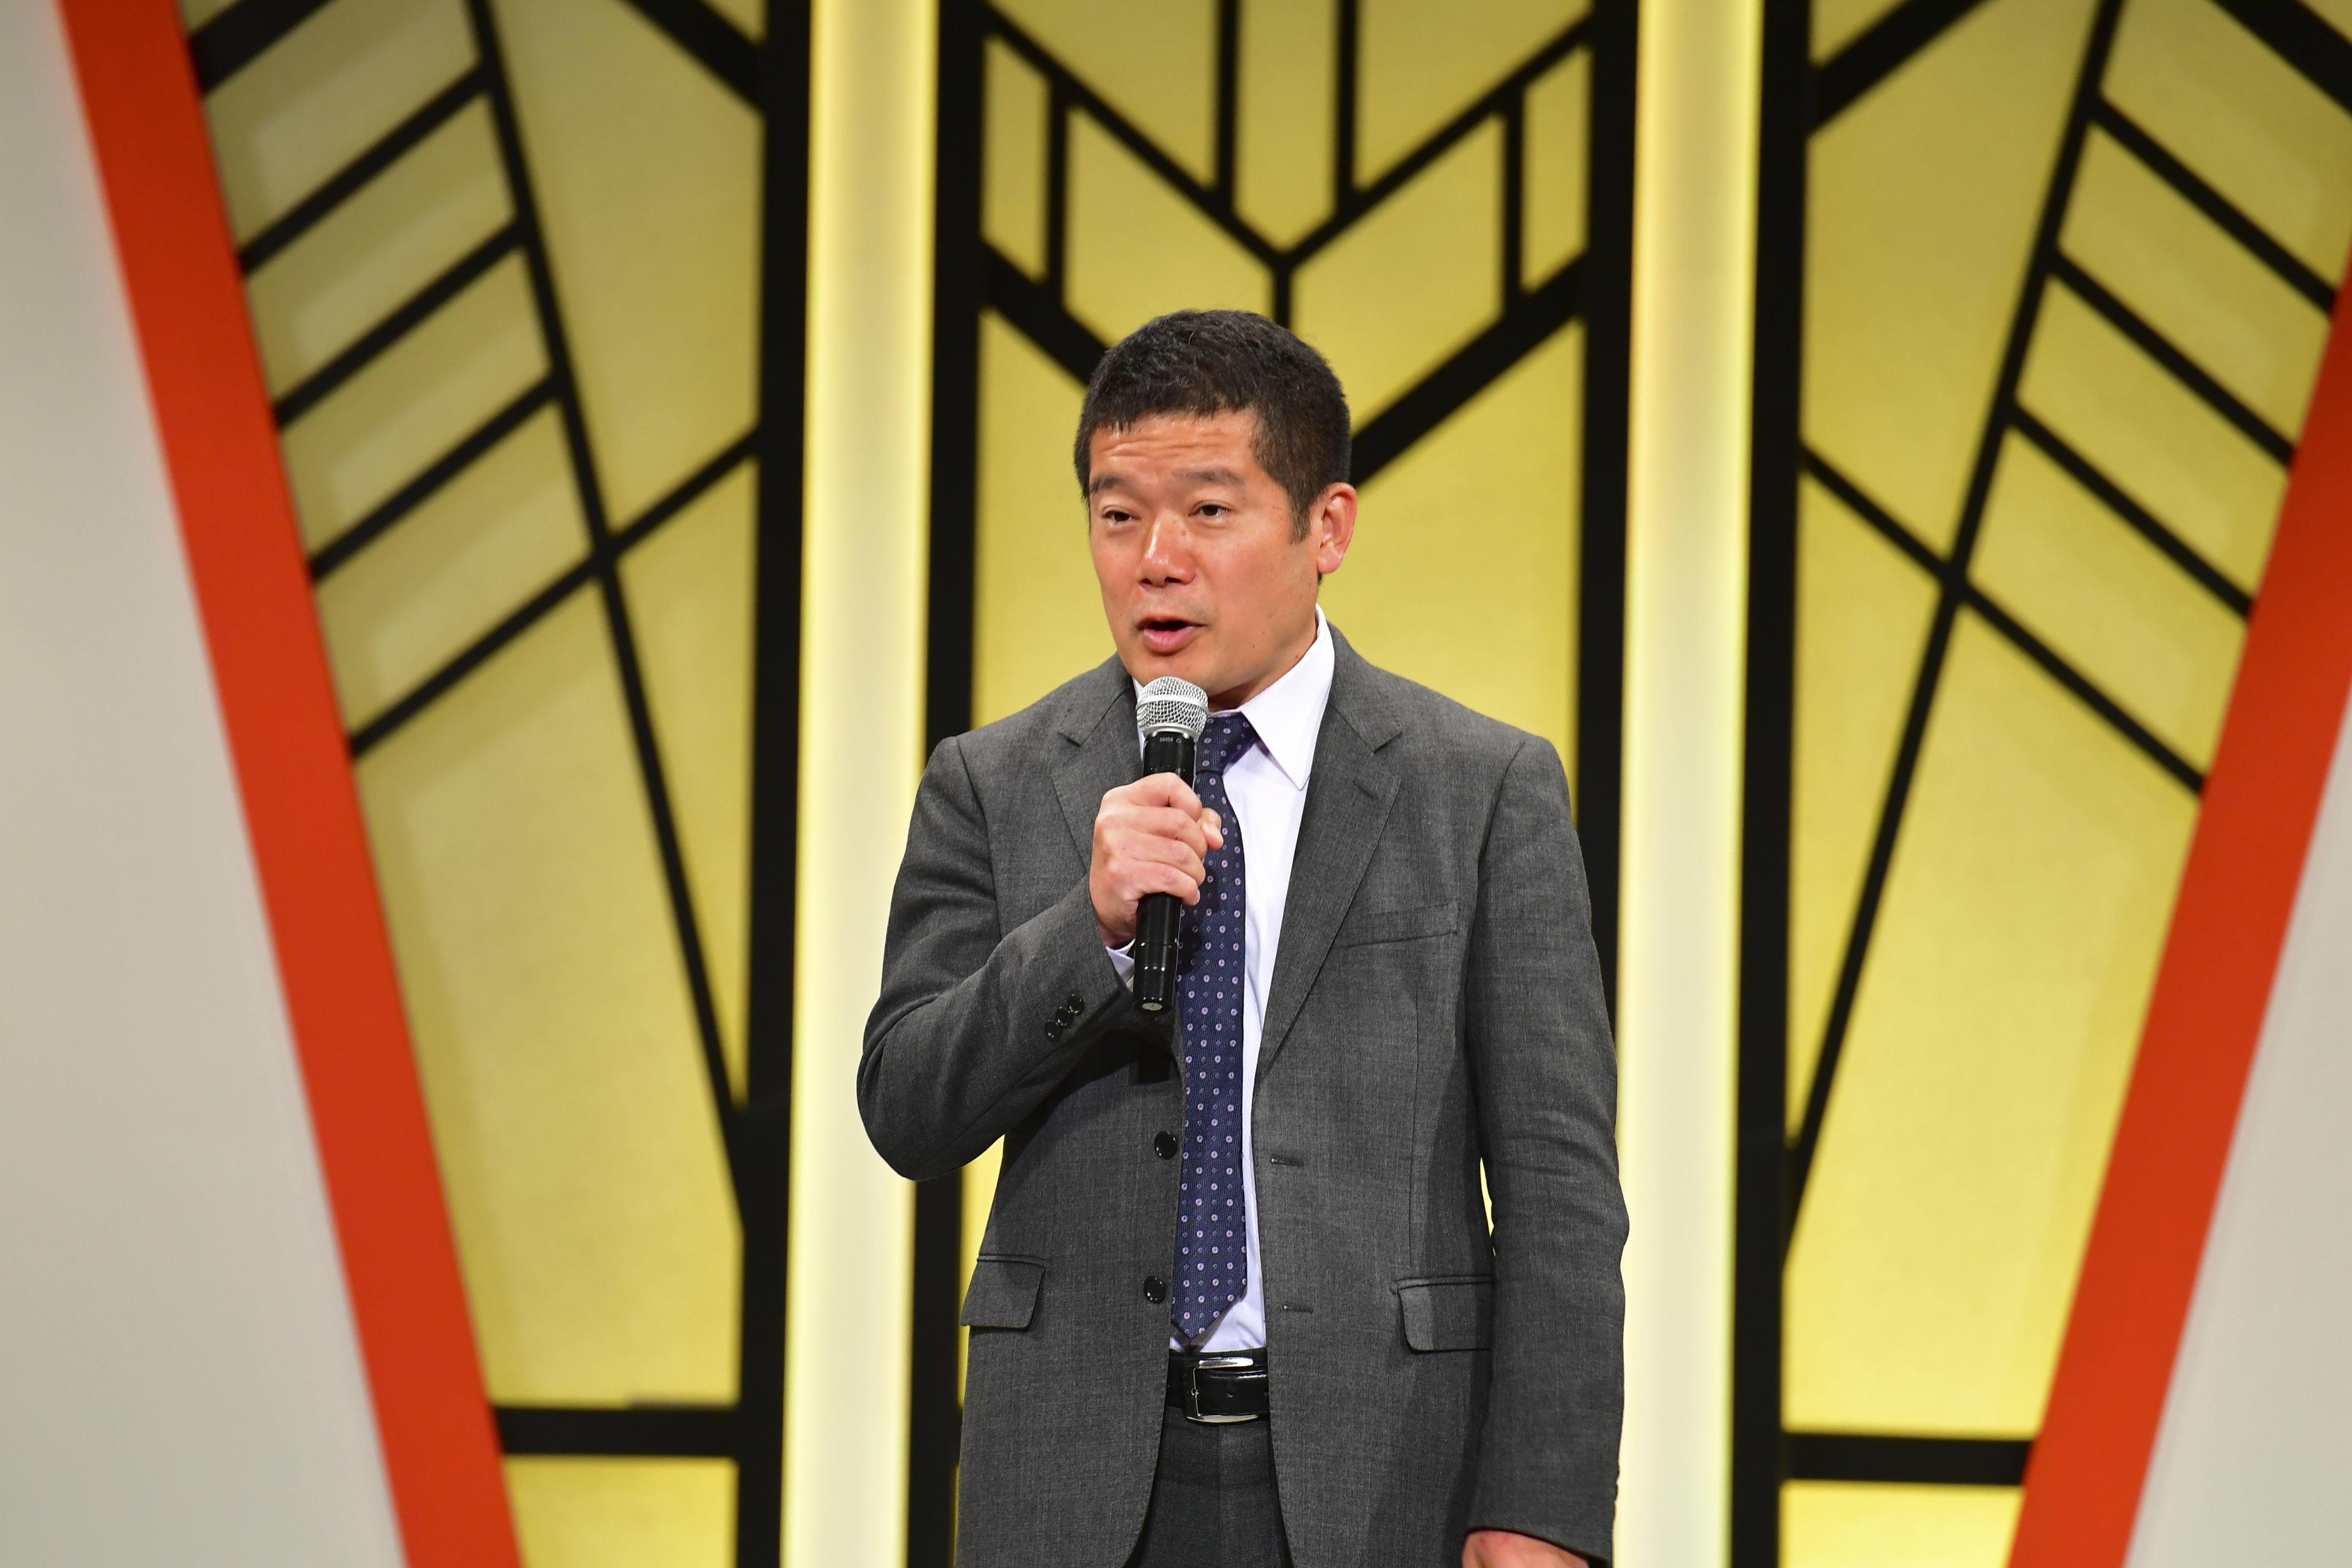 http://news.yoshimoto.co.jp/20171201191243-80519f246ef6a4c91a21c73d27fc5c2bbdffc08d.jpg